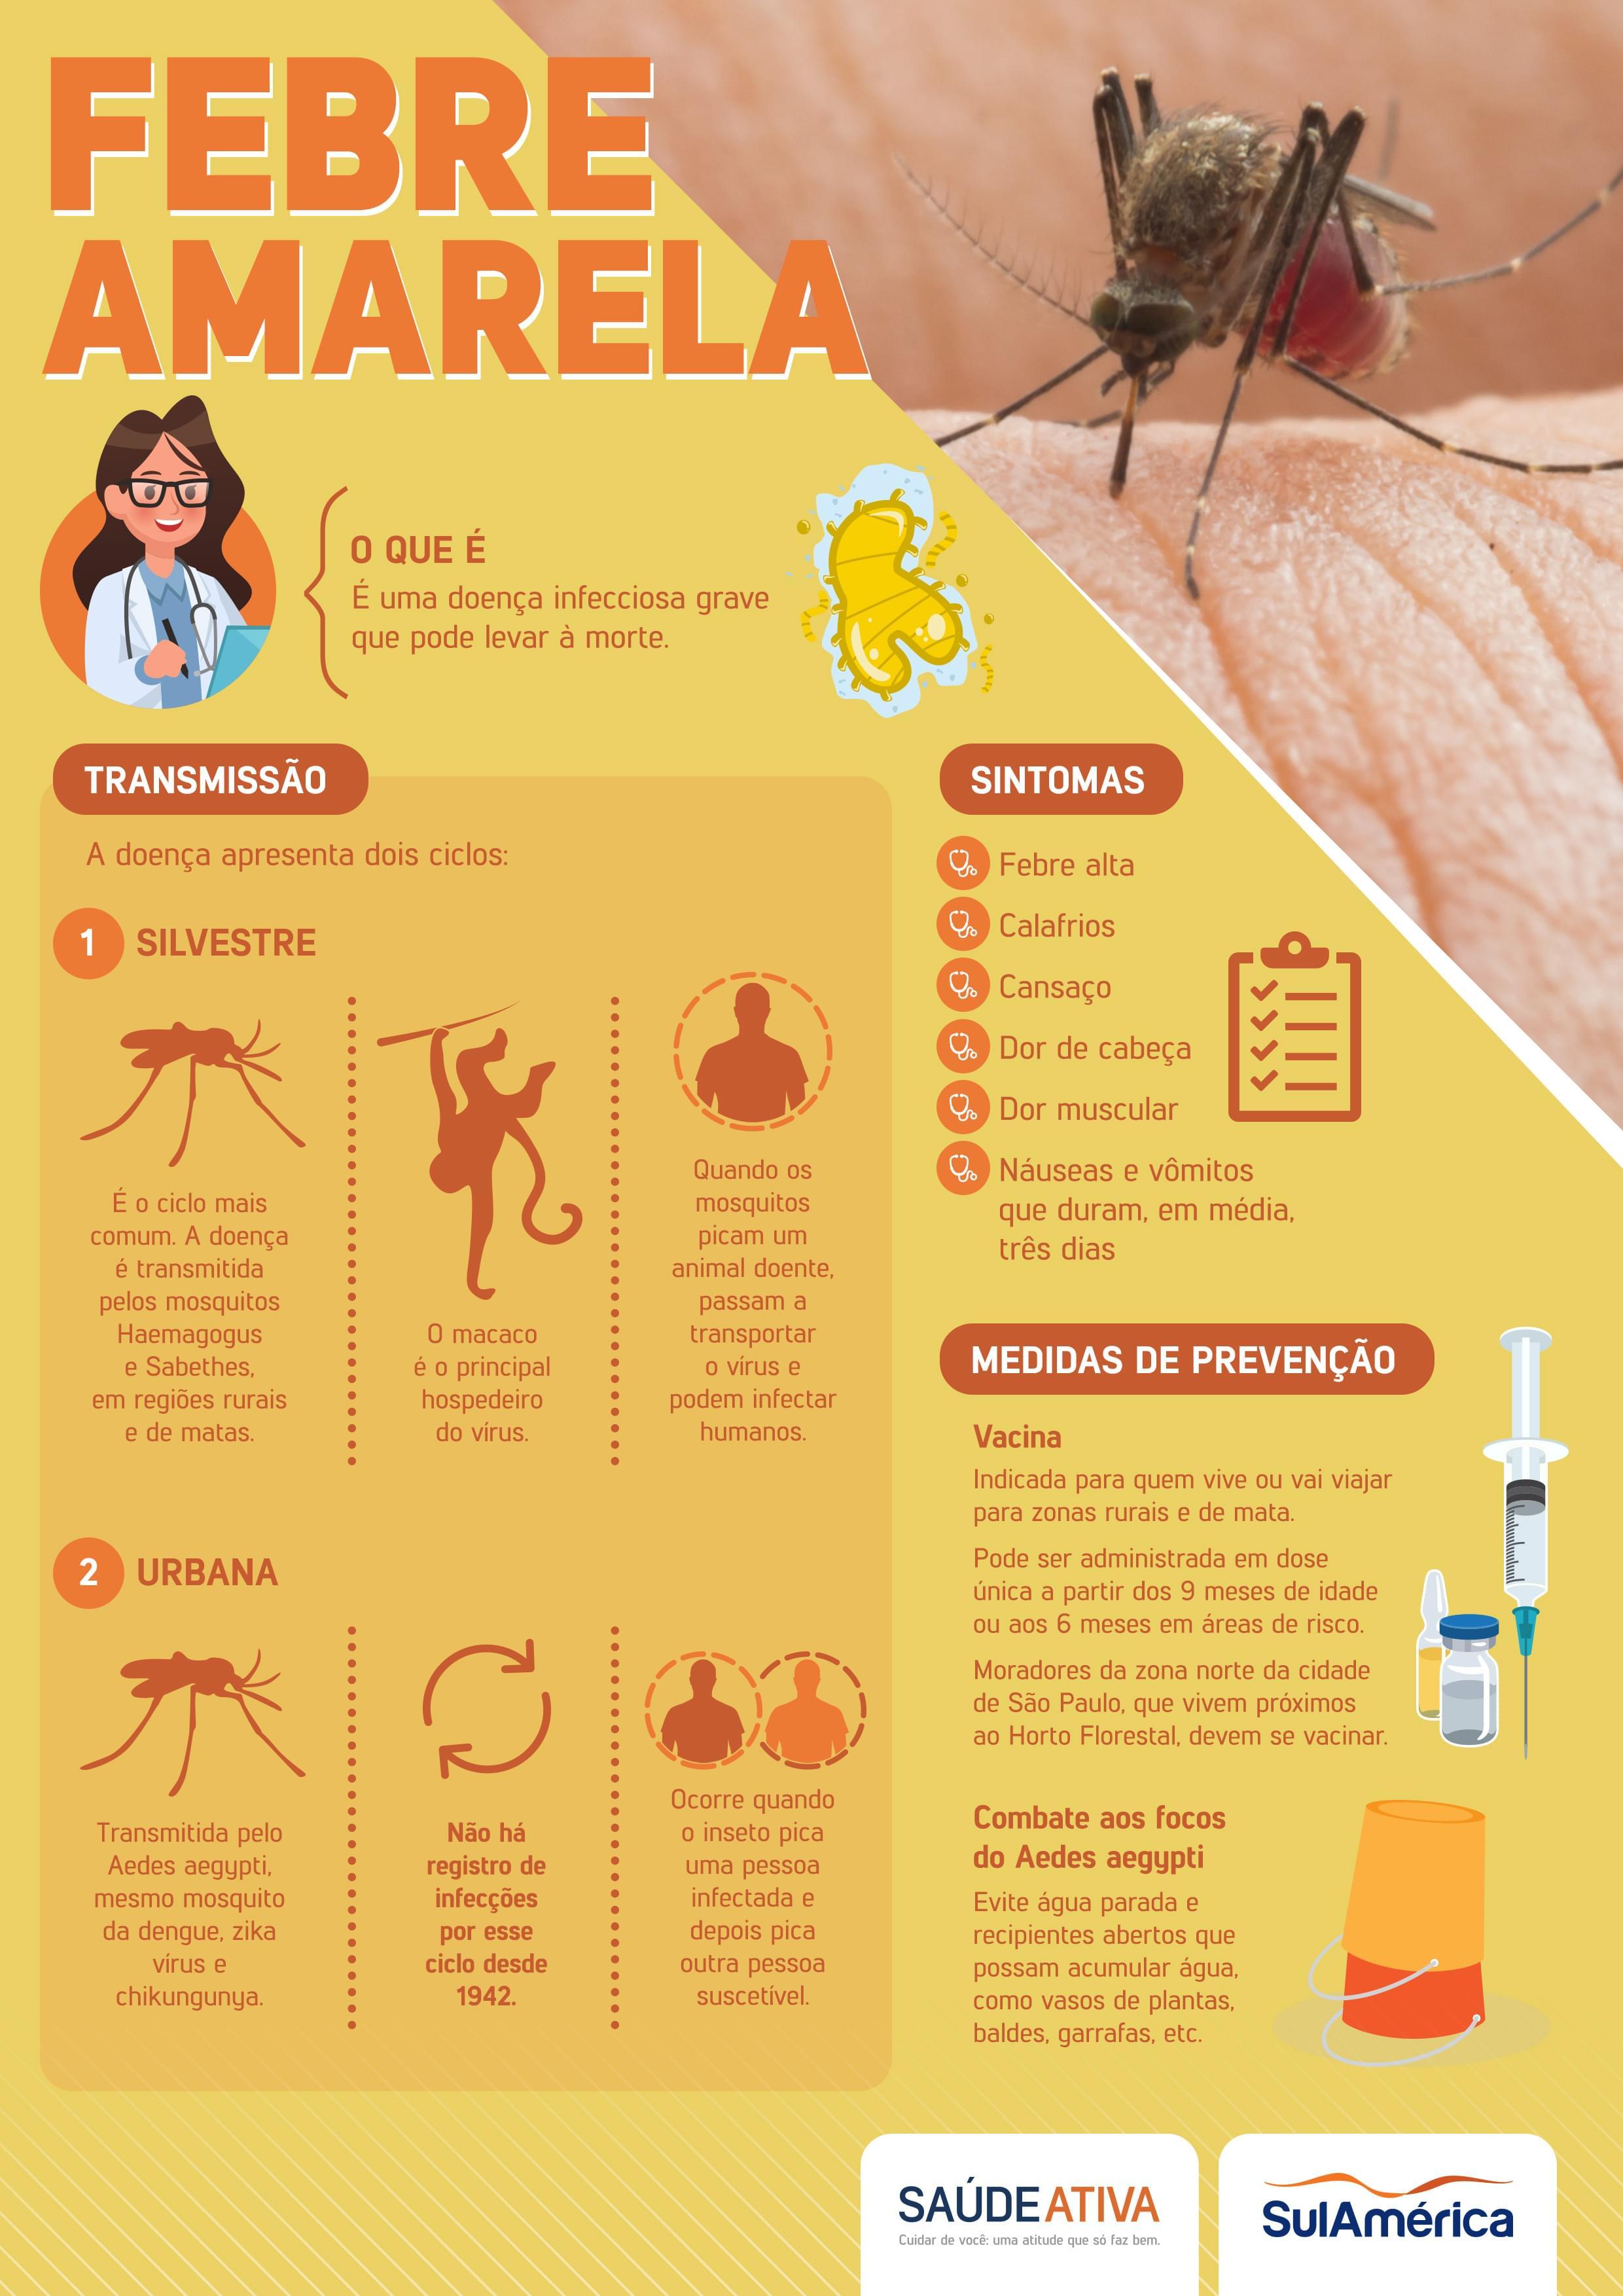 Info_SulAmerica_FebreAmarela (2)